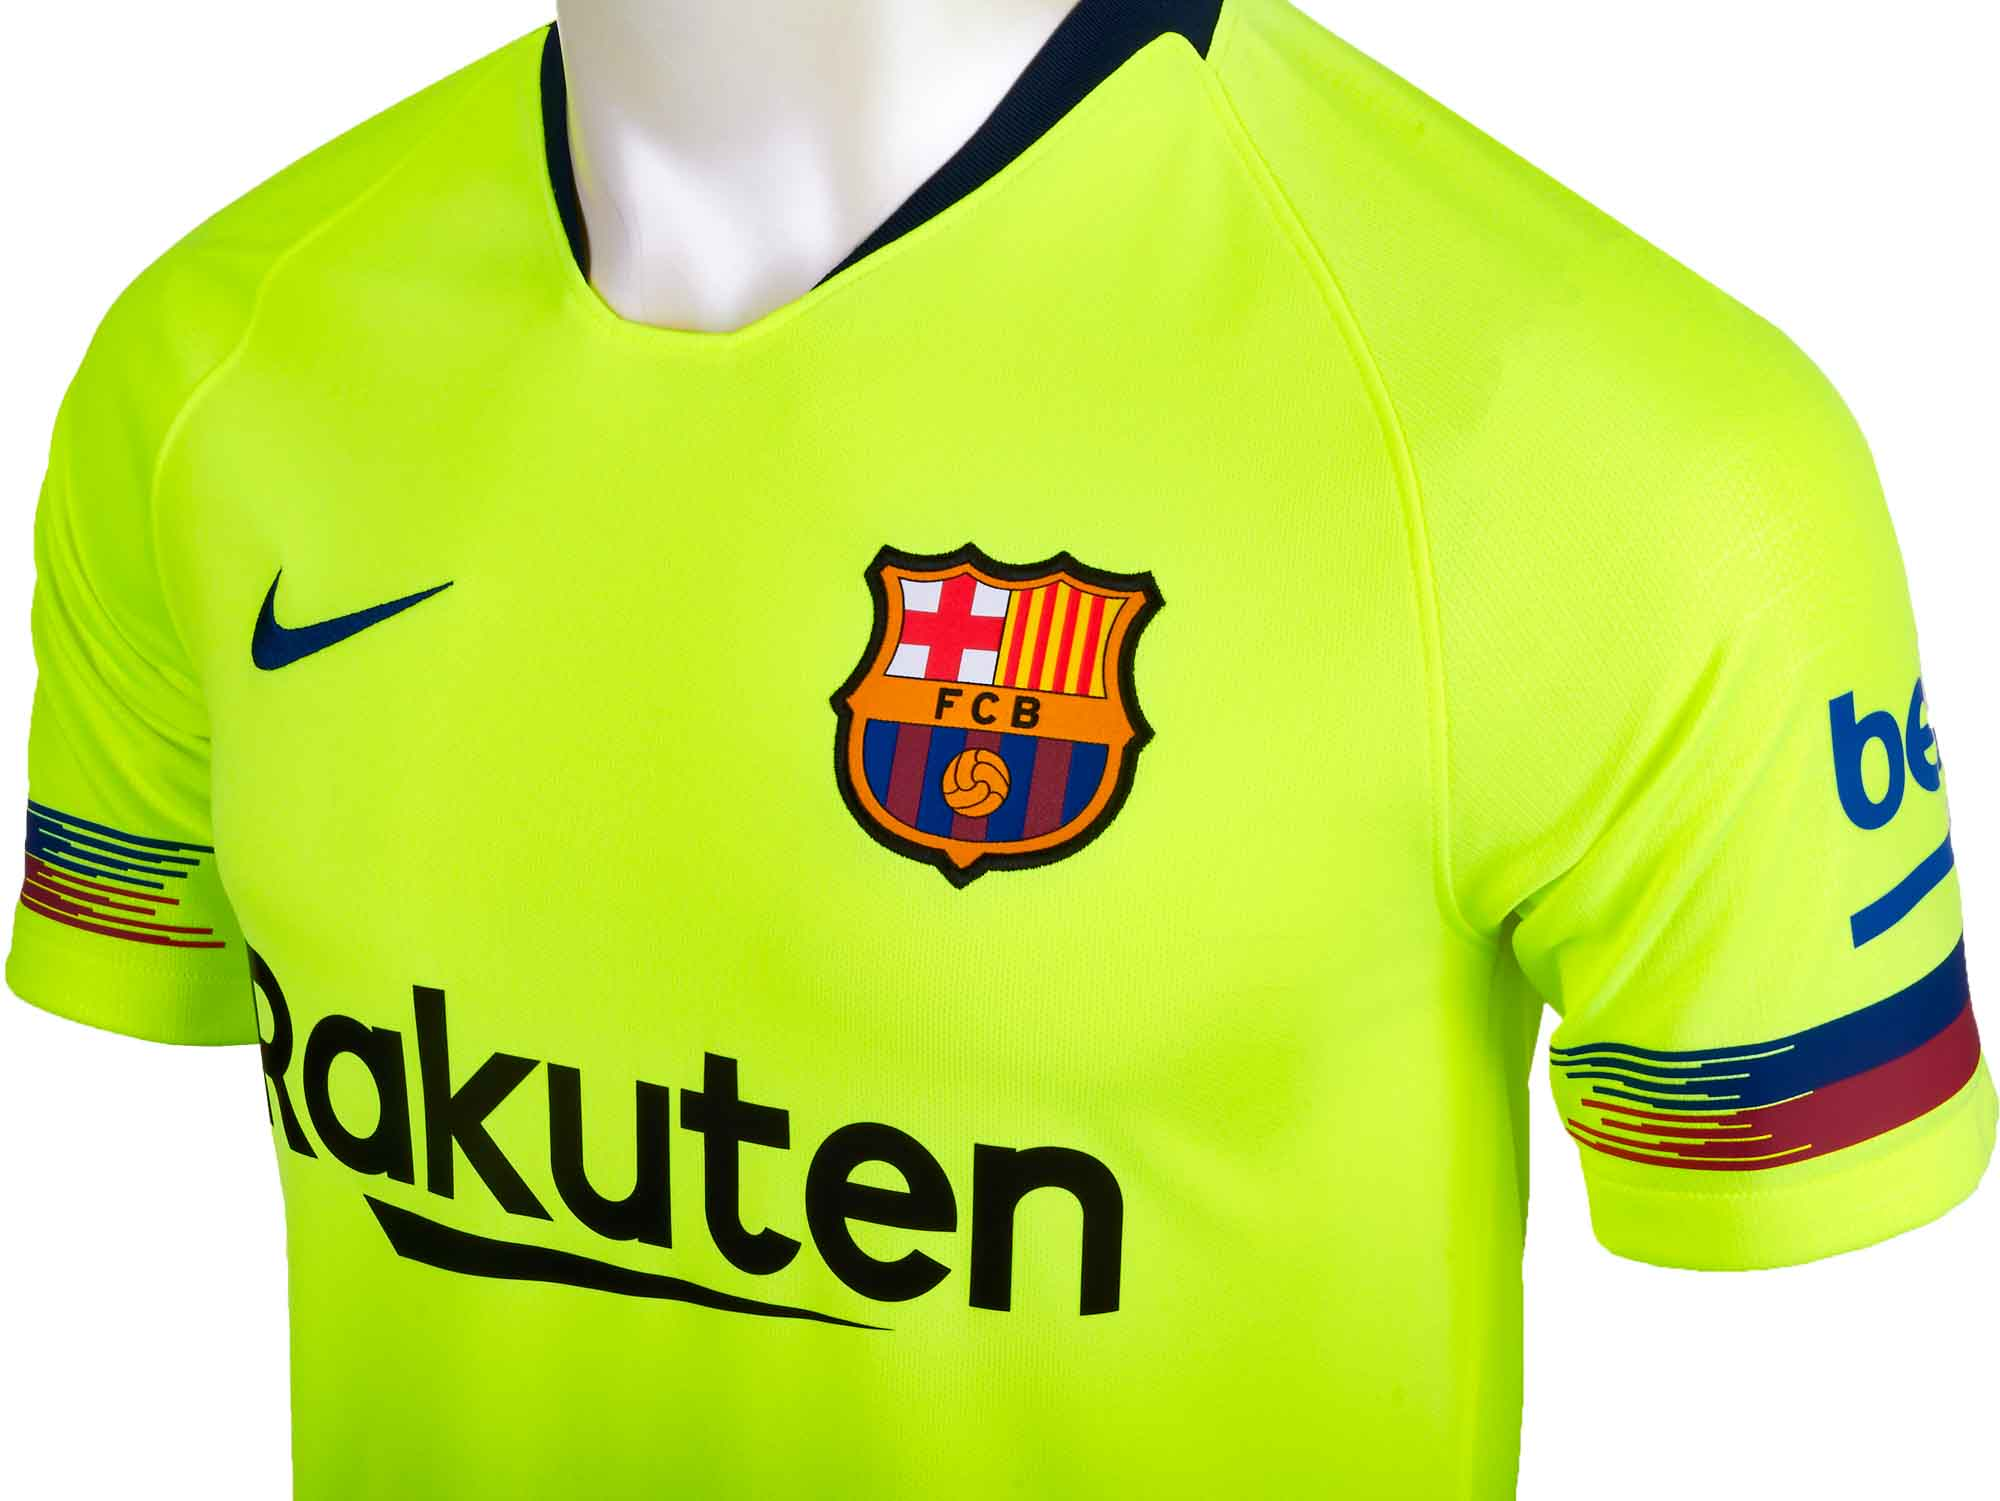 sale retailer f6eae e4bb6 2018/19 Kids Nike Lionel Messi Barcelona Away Jersey - SoccerPro